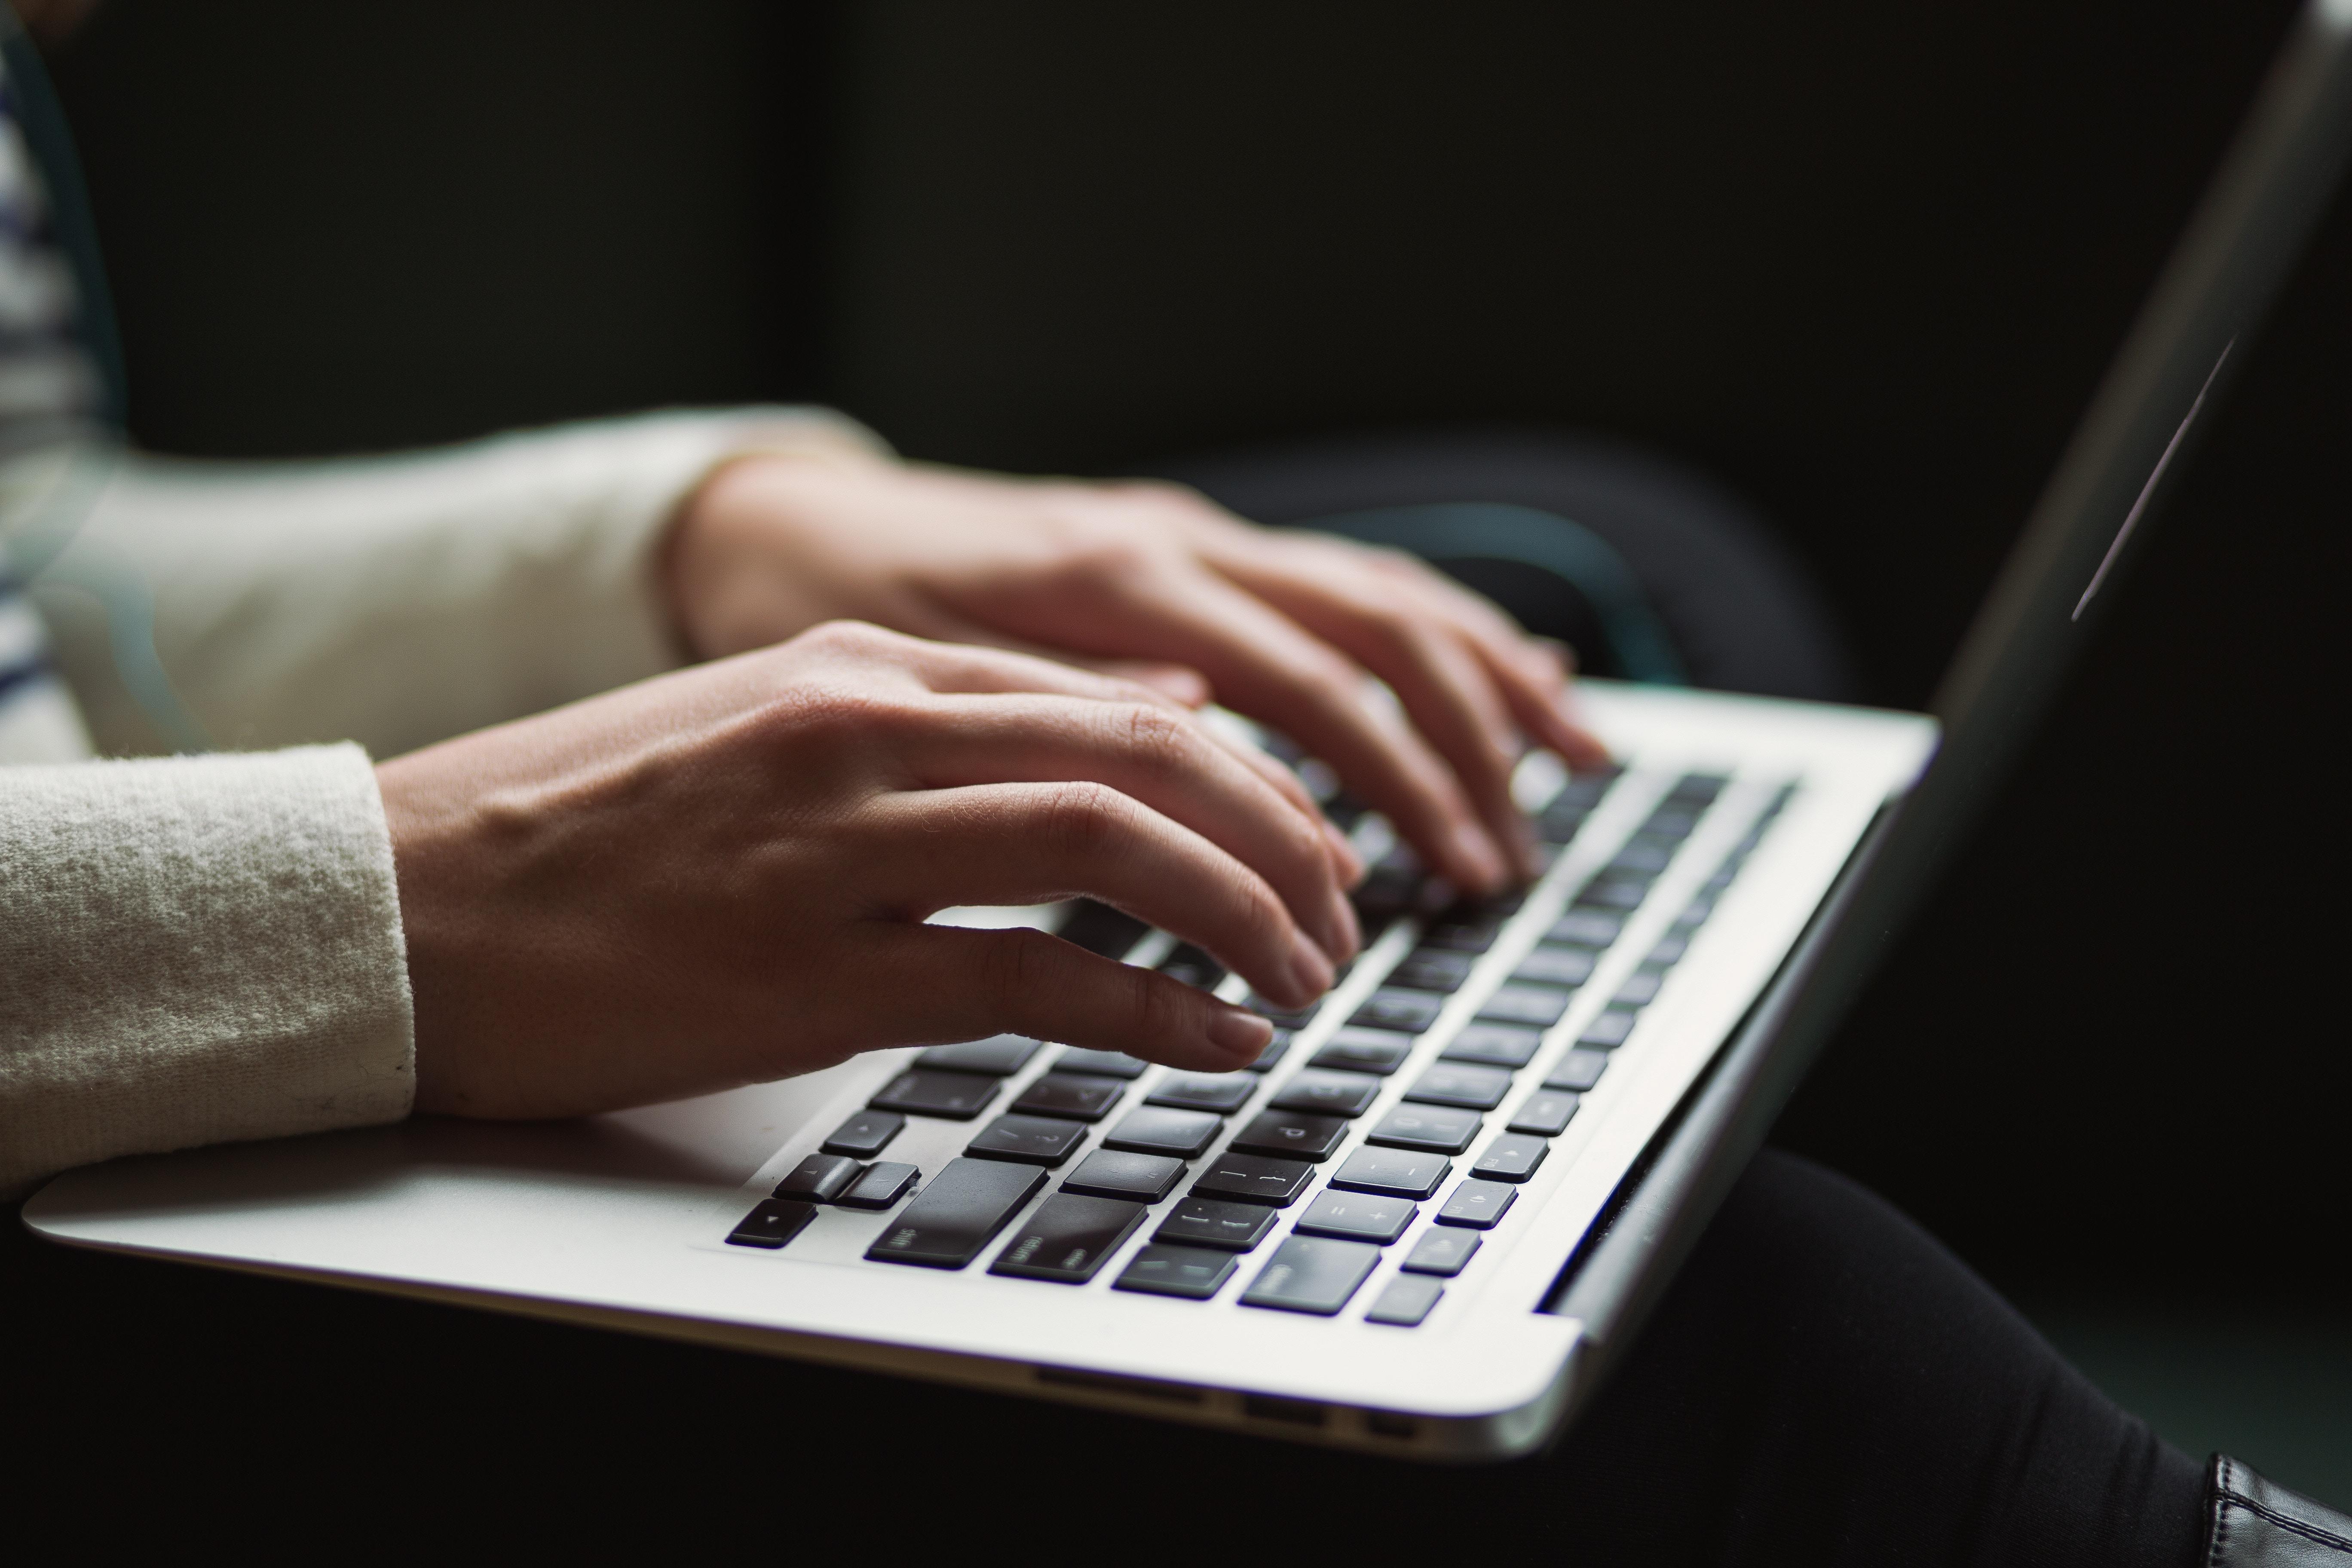 Manos sobre el teclado del portátil